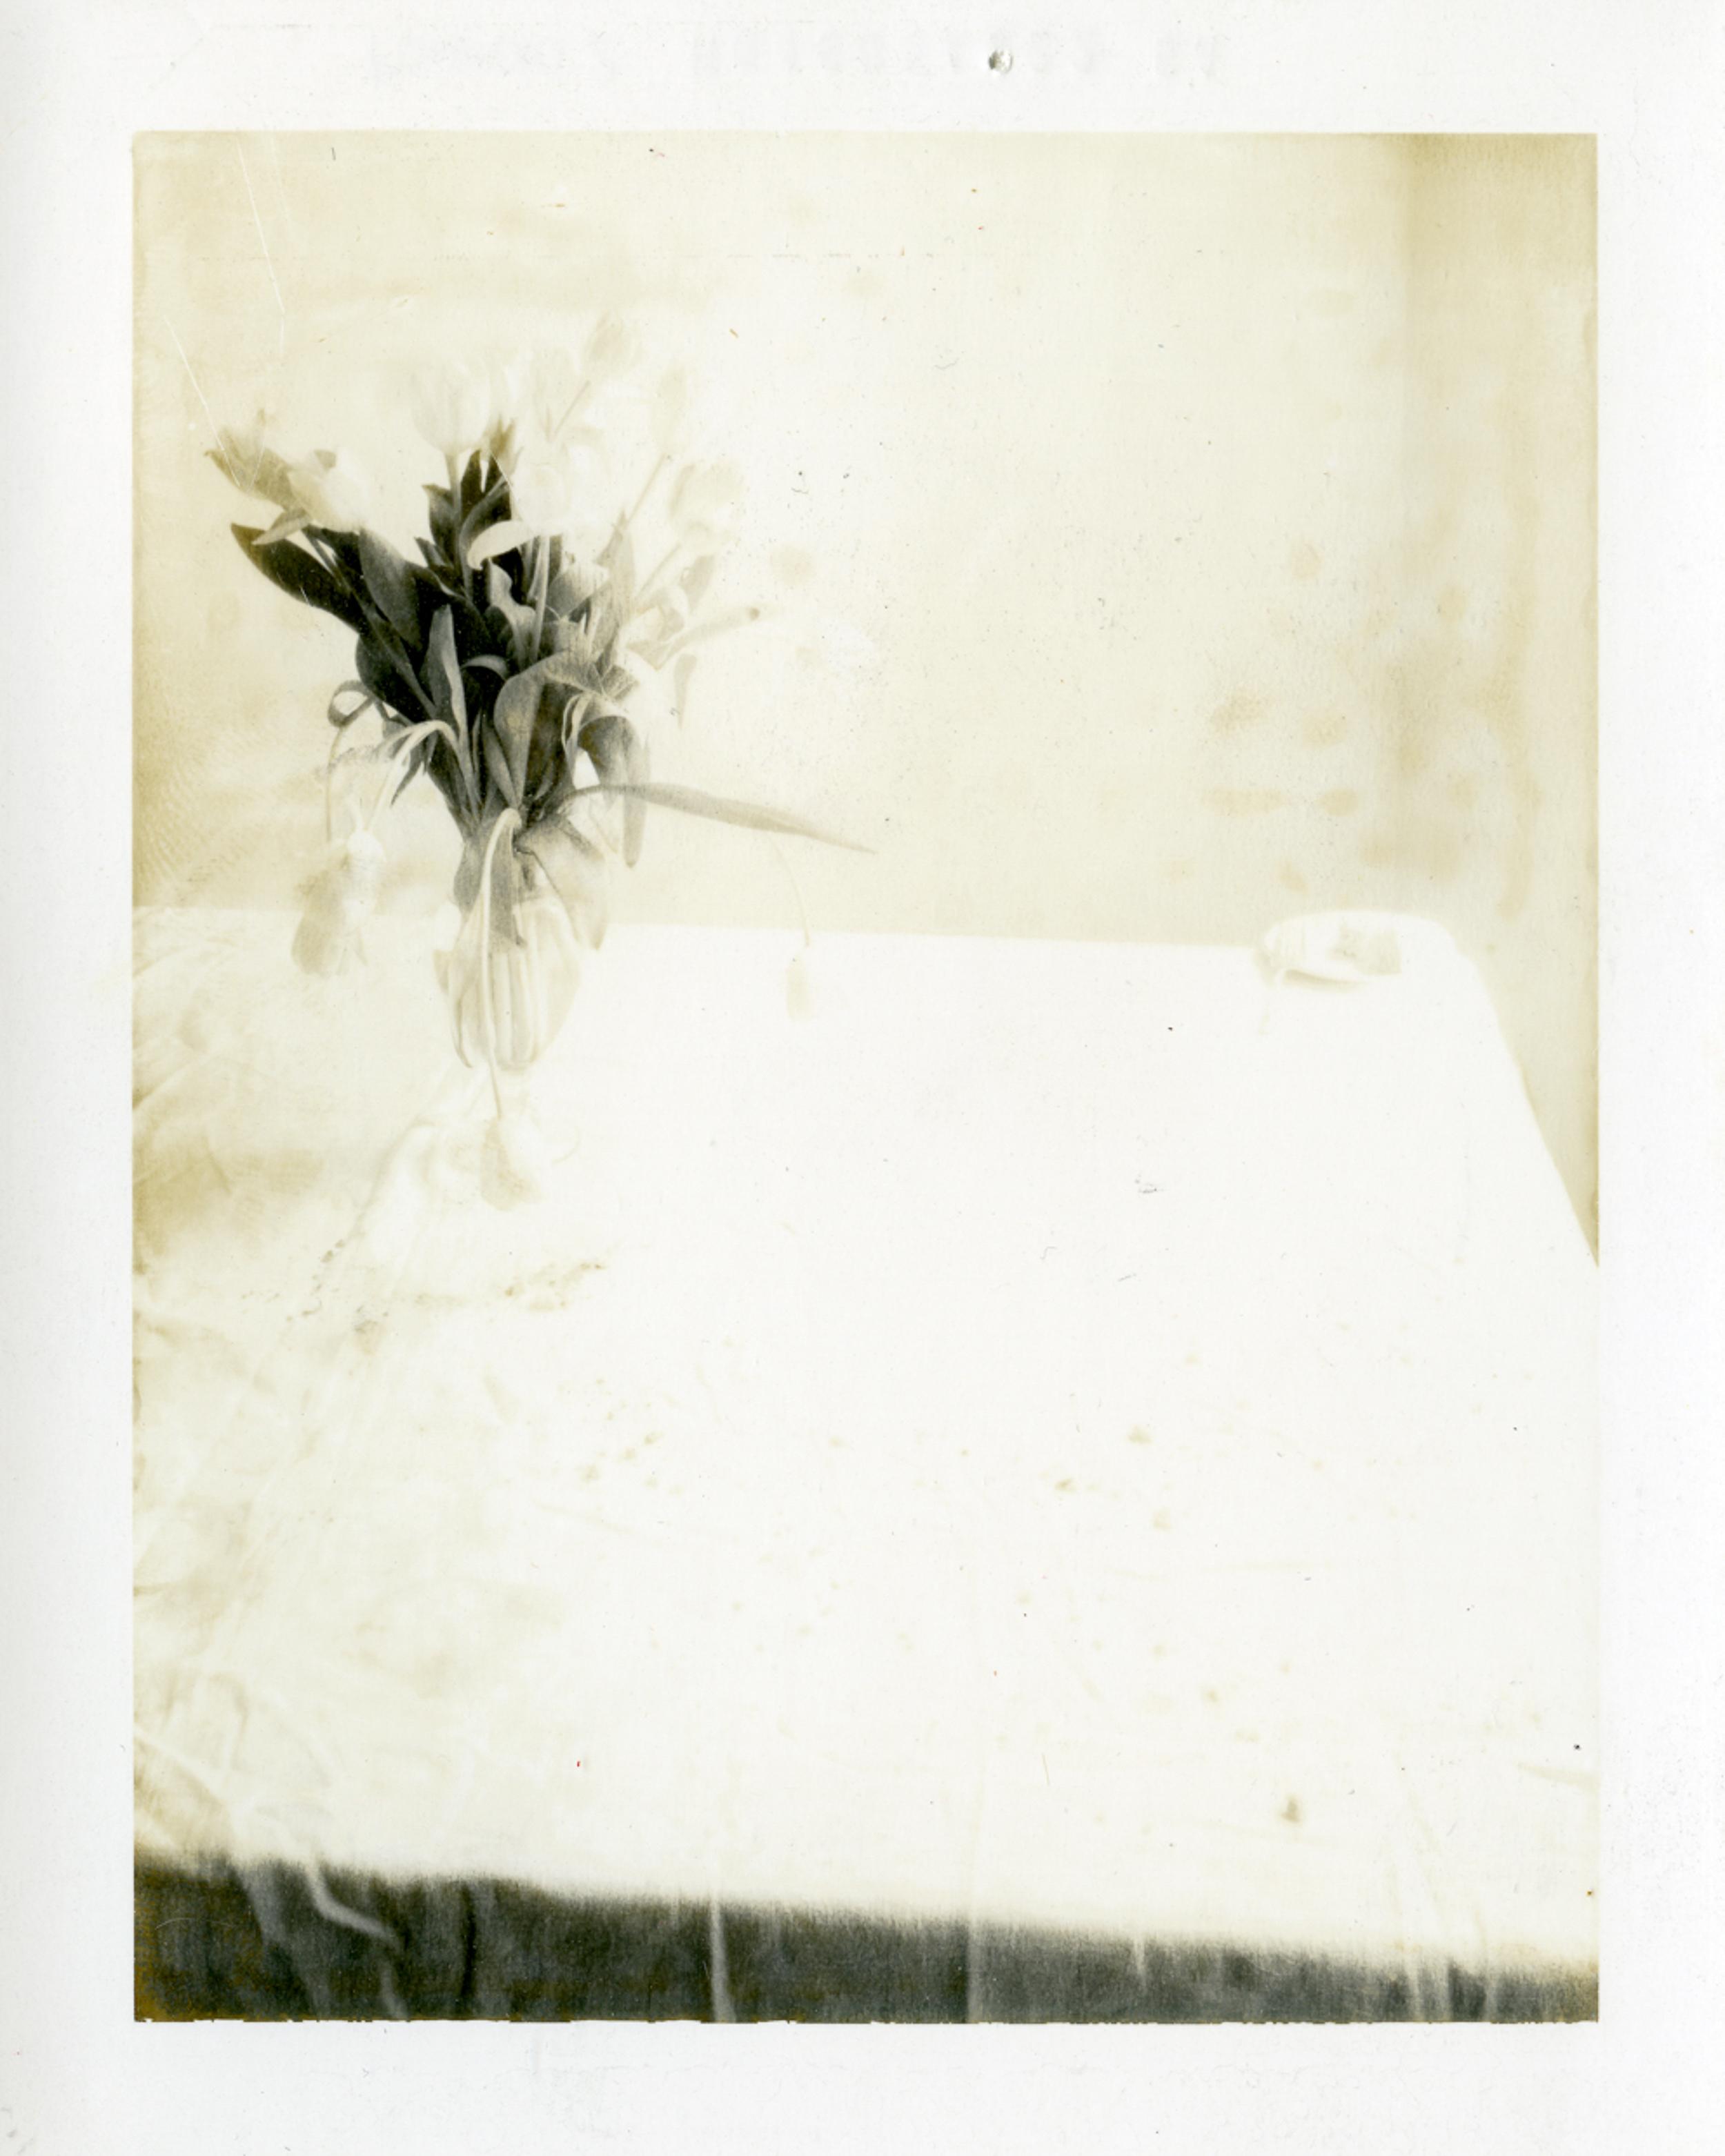 © Laura Letinsky, Sans titre, de la série Time's Assignation, 2002. Courtesy galerie Yancey Richardson, New York